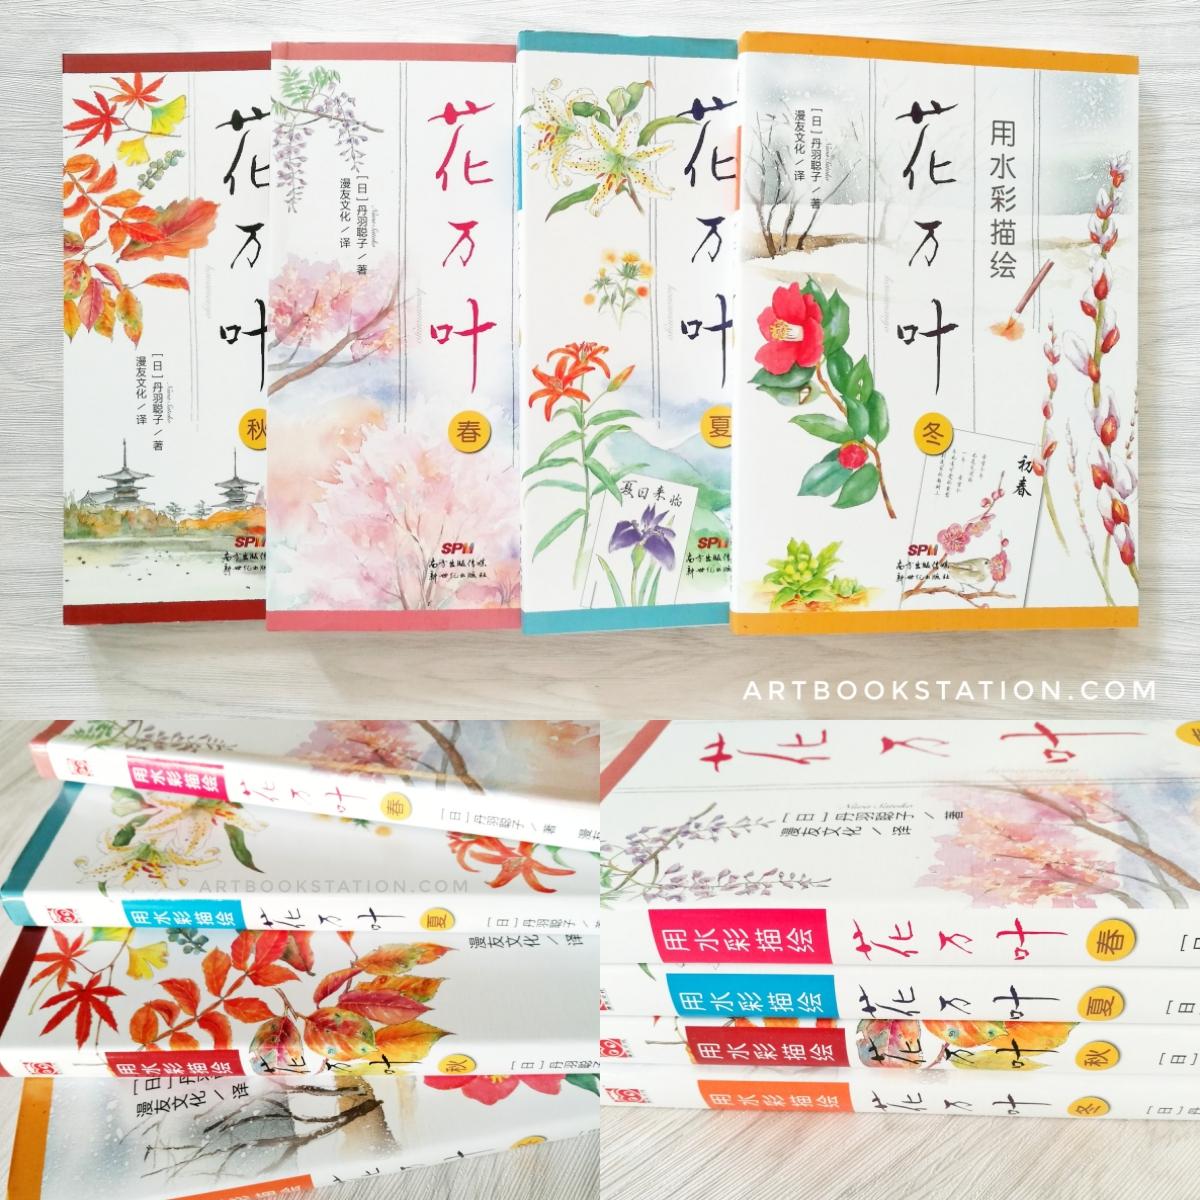 (พร้อมส่ง)หนังสือสอนเทคนิคระบายสีน้ำสไตล์ญี่ปุ่น 4 ฤดูในญี่ปุ่น ครบSet 4 เล่มโดยศิลปินชาวญี่ปุ่น